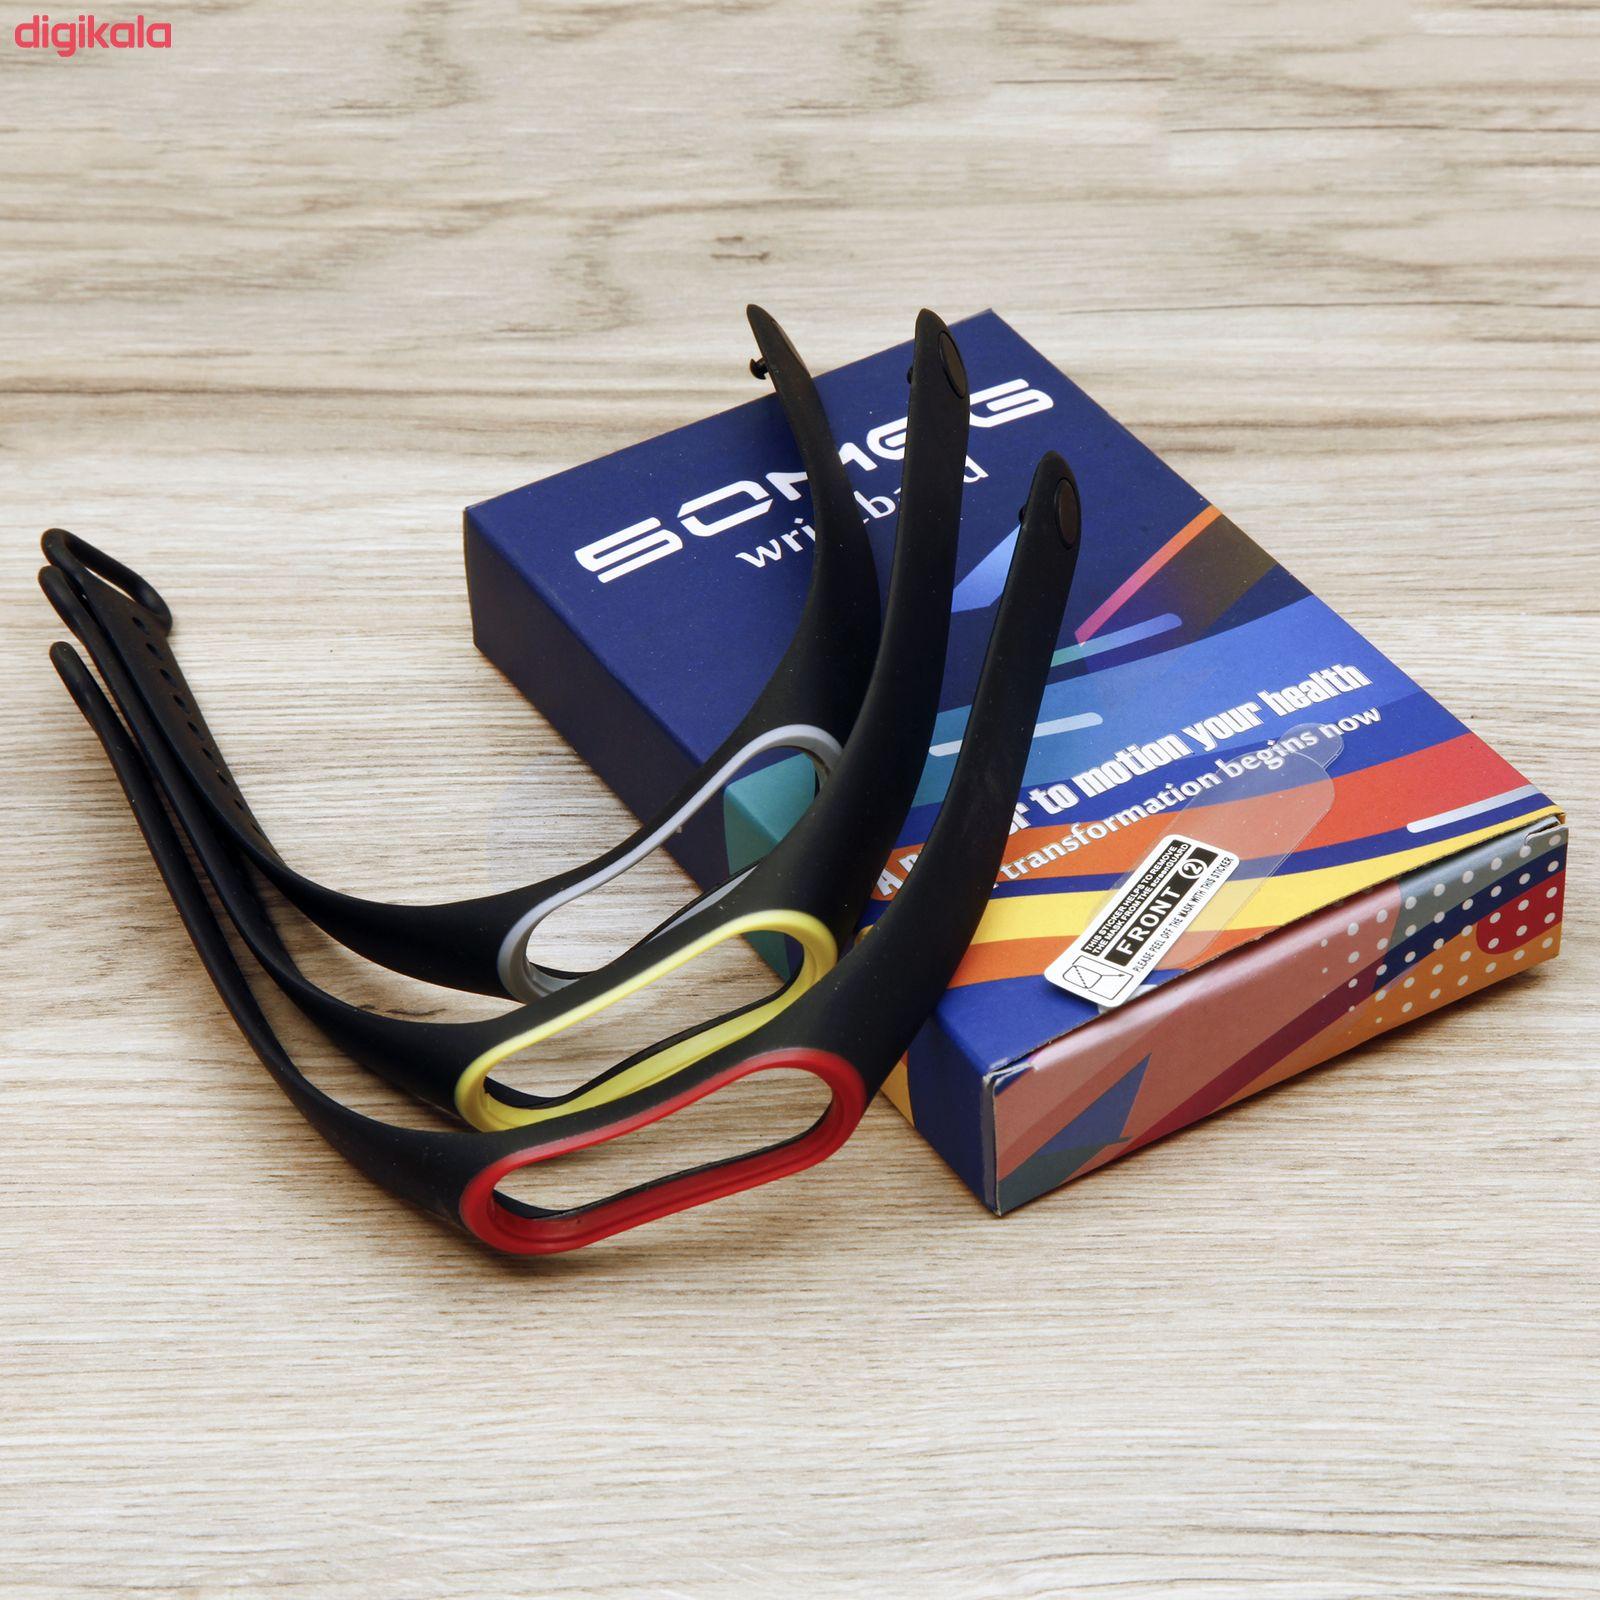 بند سومگ مدل SMG0-SP1 مناسب برای مچ بند هوشمند شیائومی Mi Band 4 مجموعه 3 عددی به همراه محافظ صفحه نمایش main 1 15